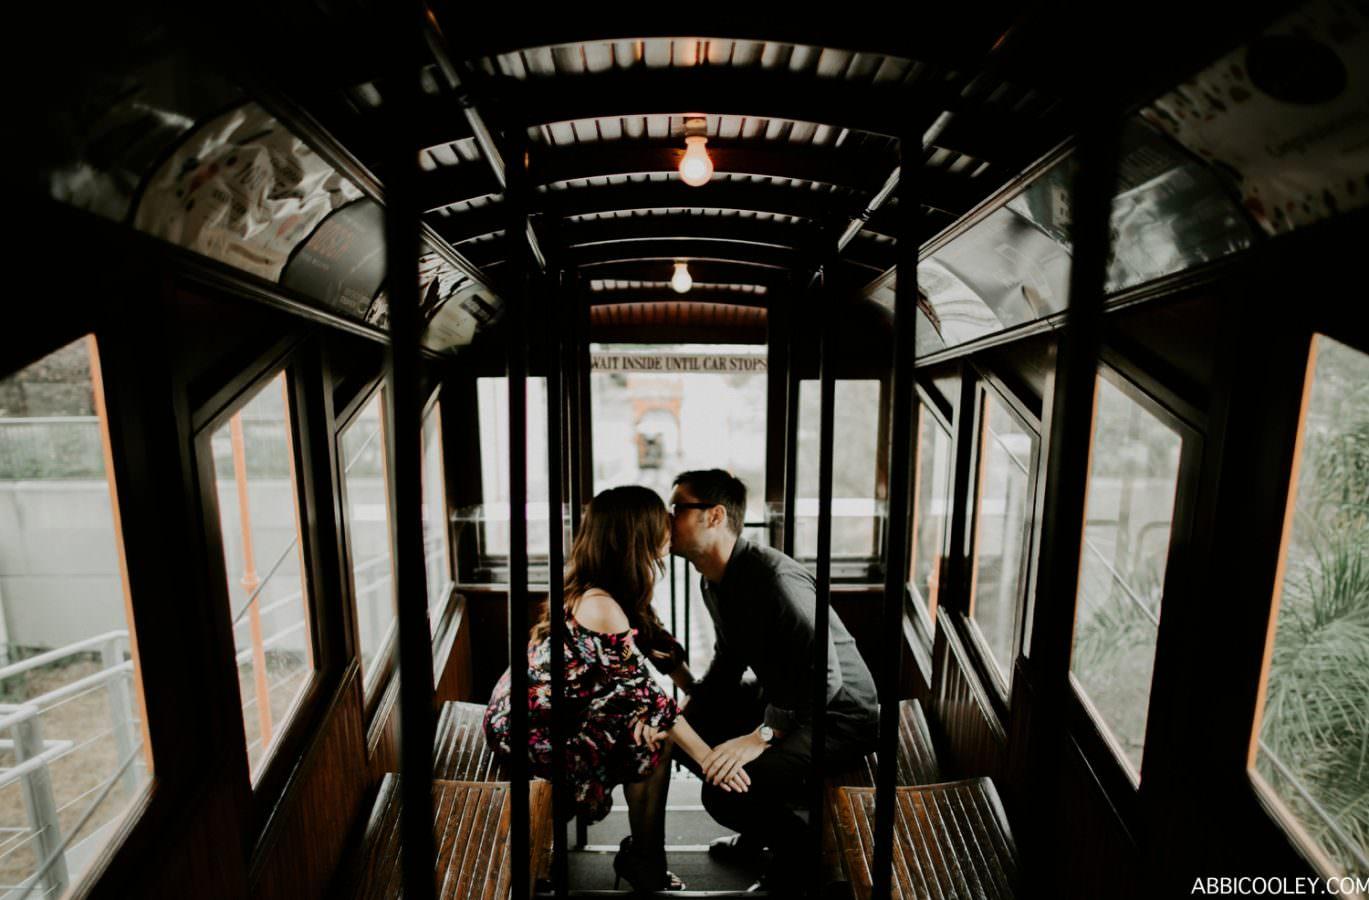 ABBI COOLEY CALIFORNIA WEDDING PHOTOGRAPHER_1388